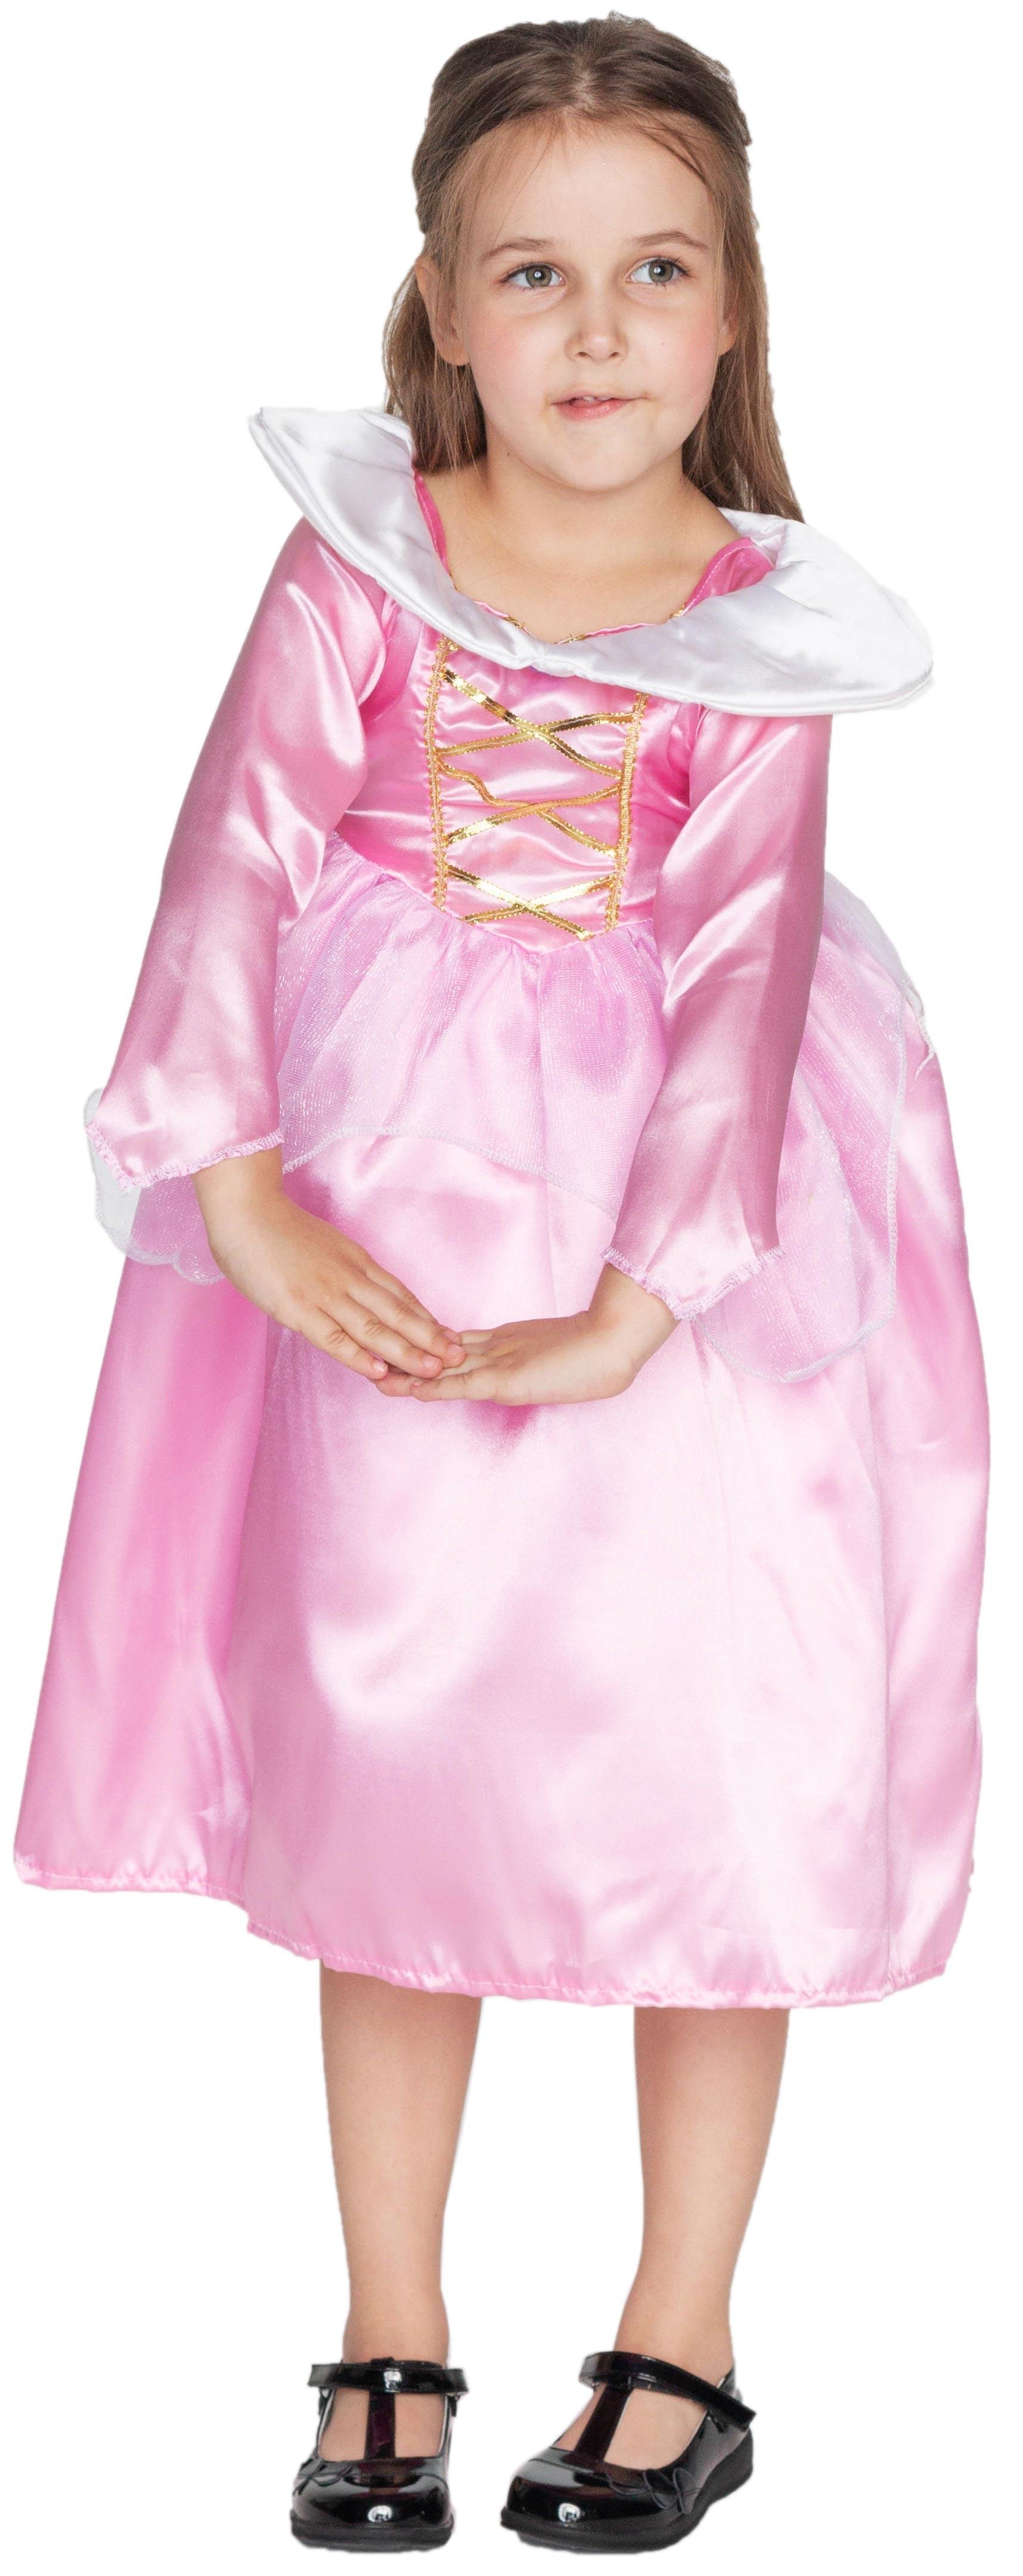 Розовое платье Спящей Красавицы (S) - Сказочные герои